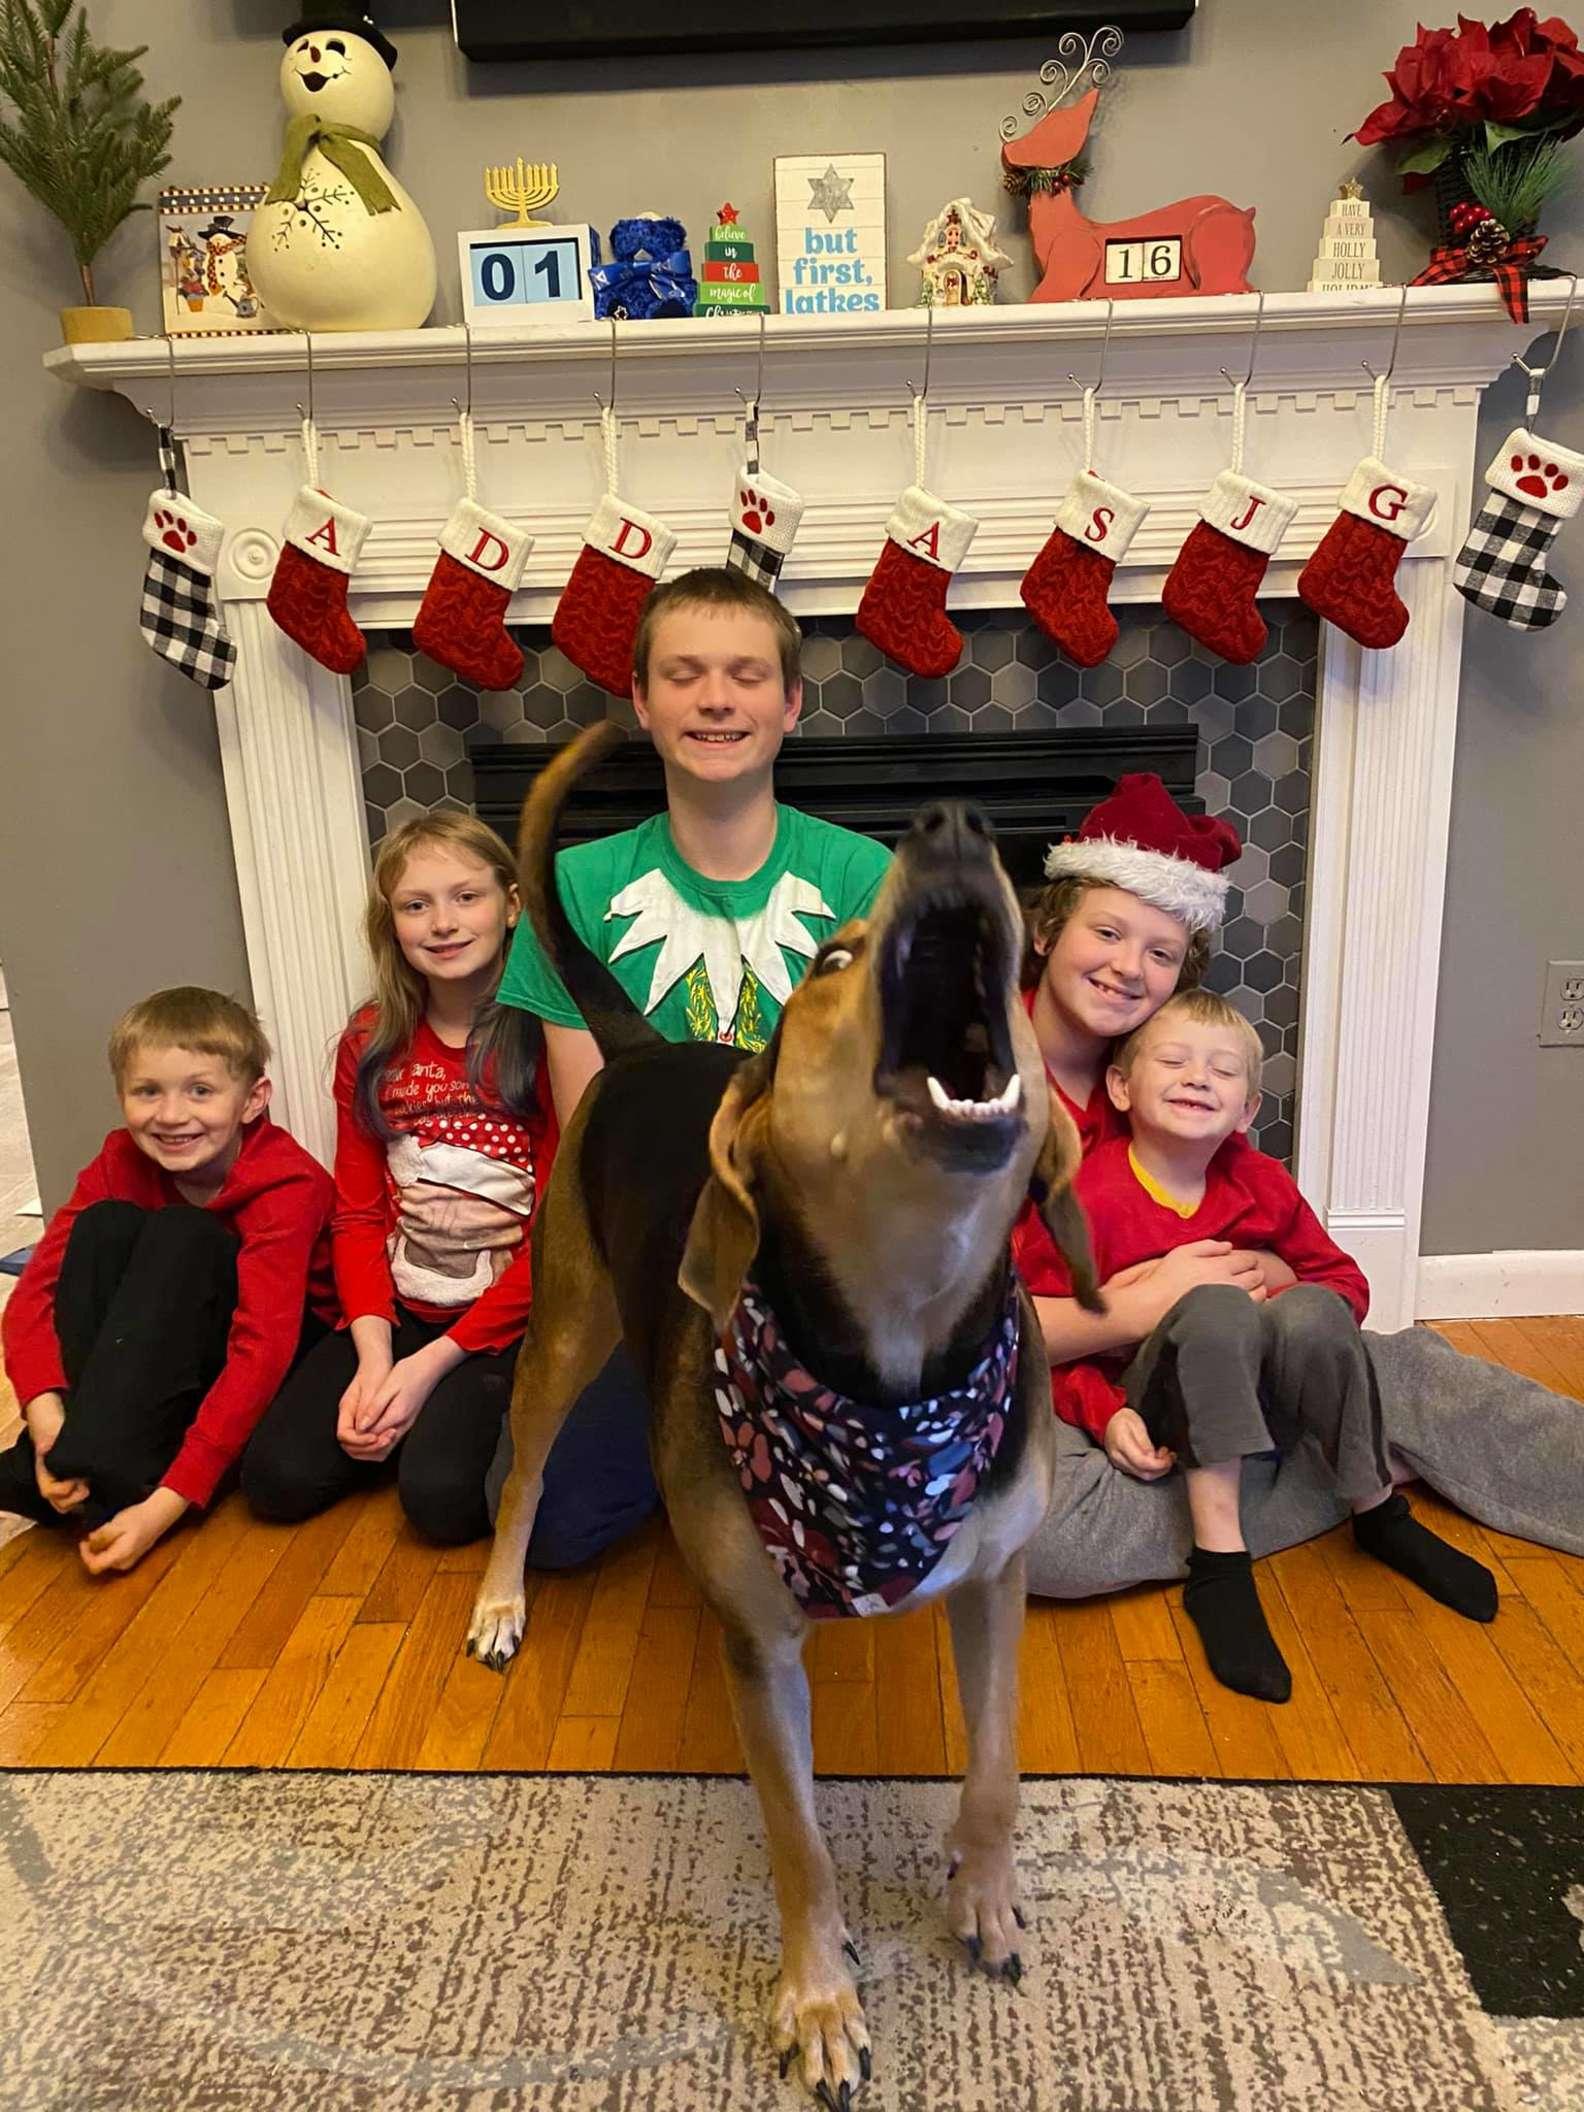 Penny  e le foto di Natale